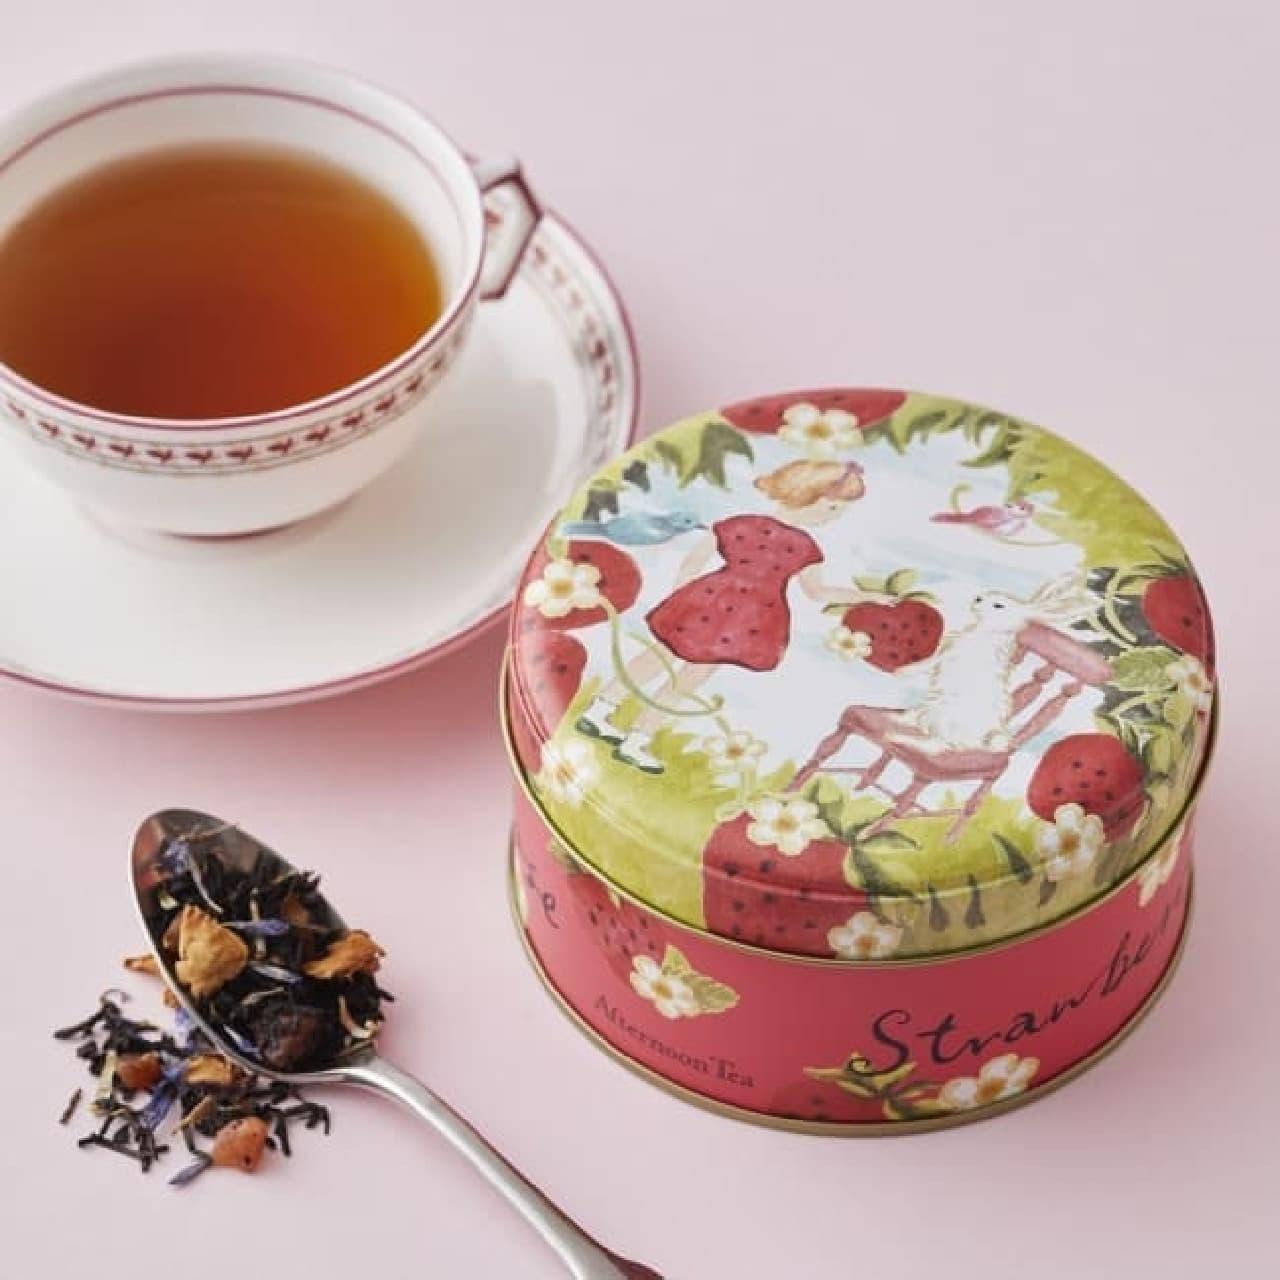 Afternoon Tea春季限定紅茶と焼き菓子